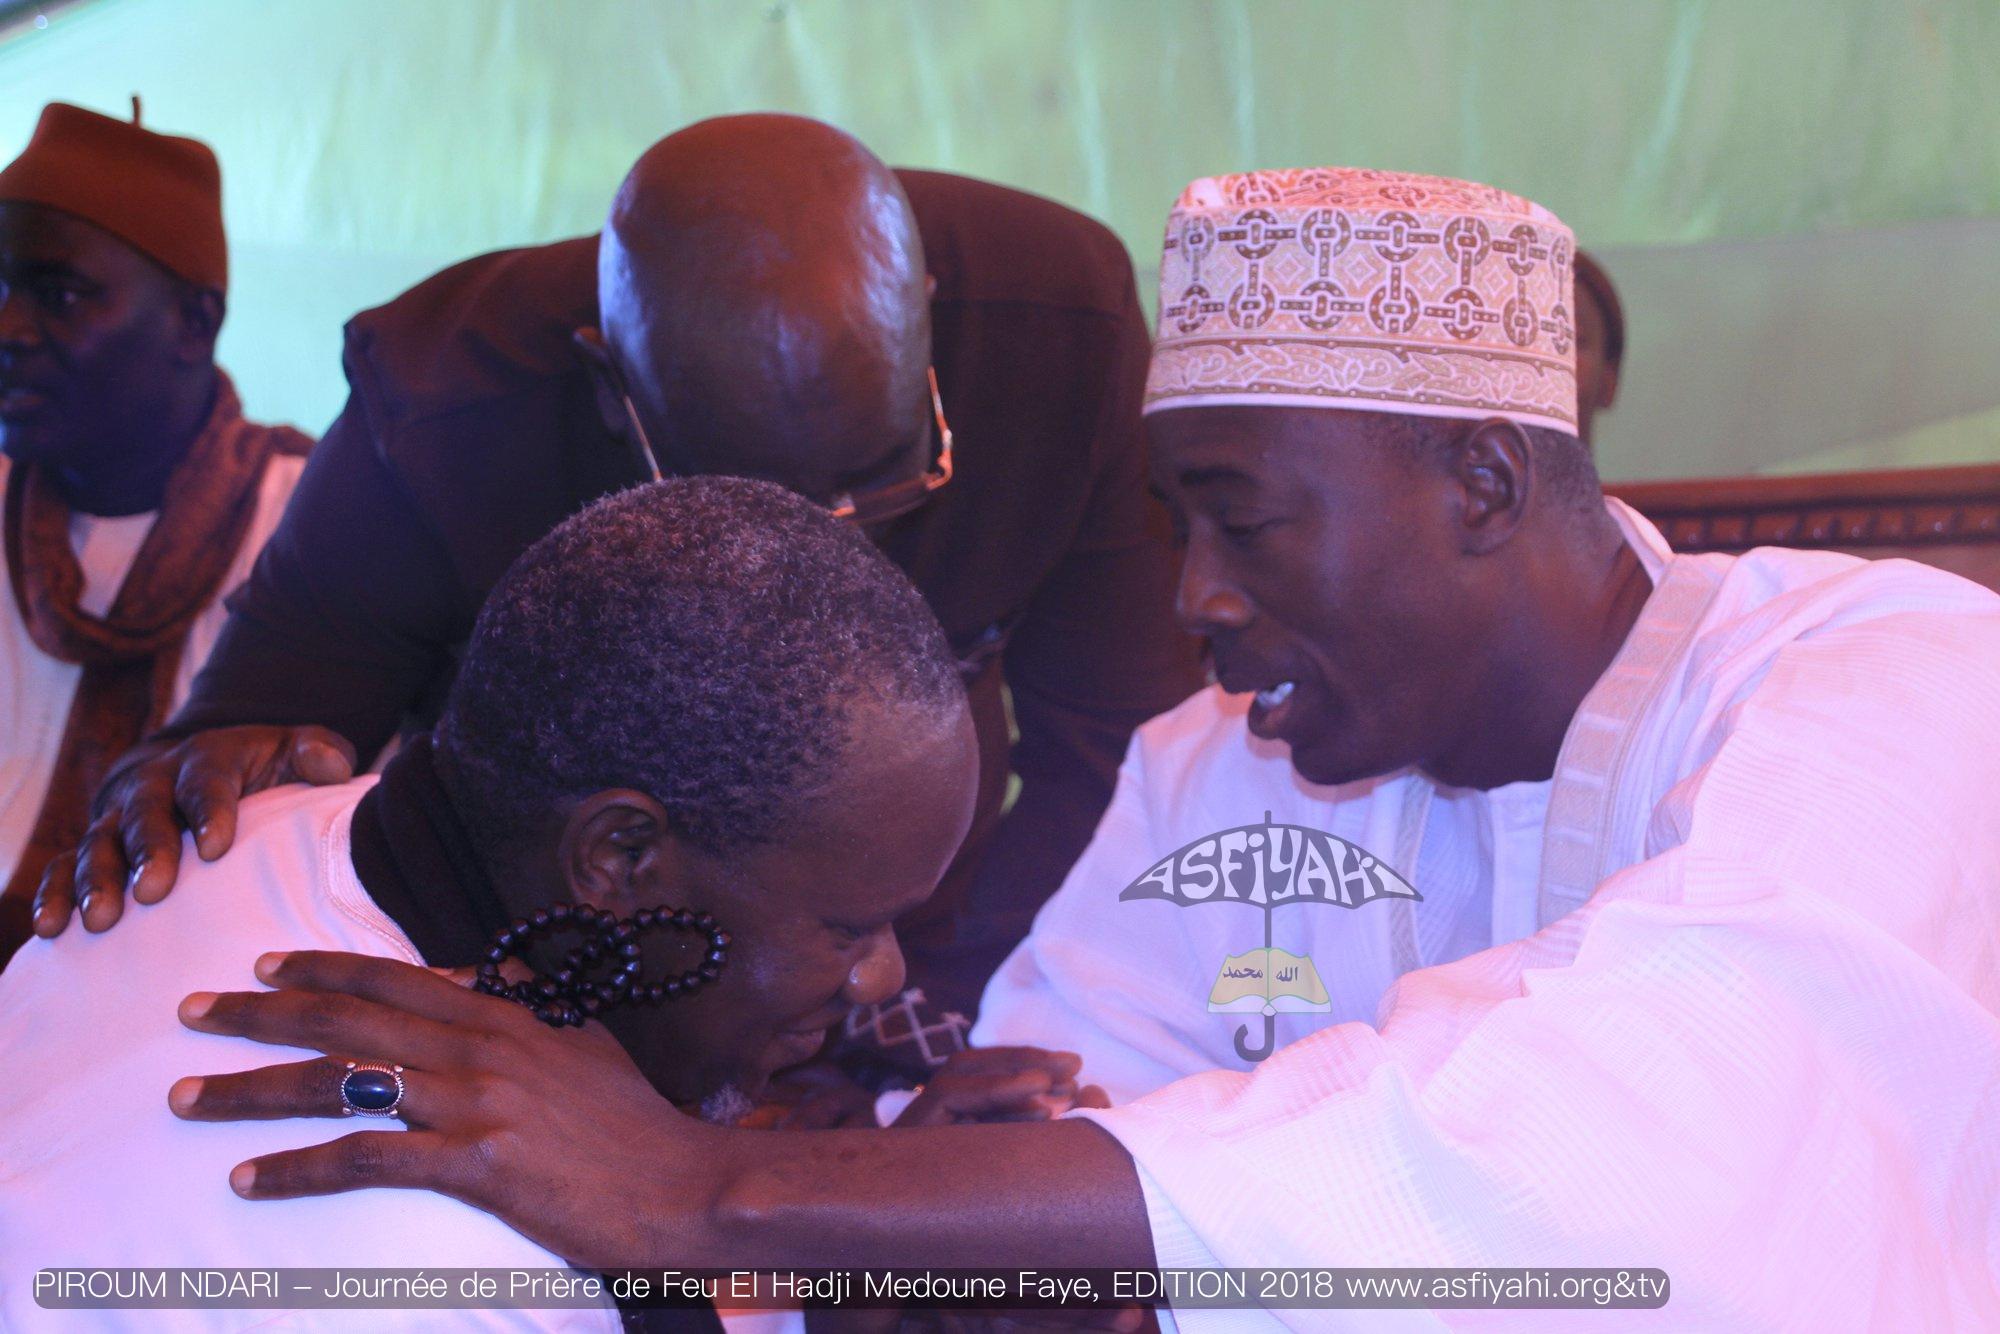 PHOTOS - PIROUM NDARI - Les images de la Journée de Prières dédiée à Feu El Hadji Medoune Faye, sous la presidence de Serigne Maodo Sy Ibn Serigne Mbaye Sy Mansour